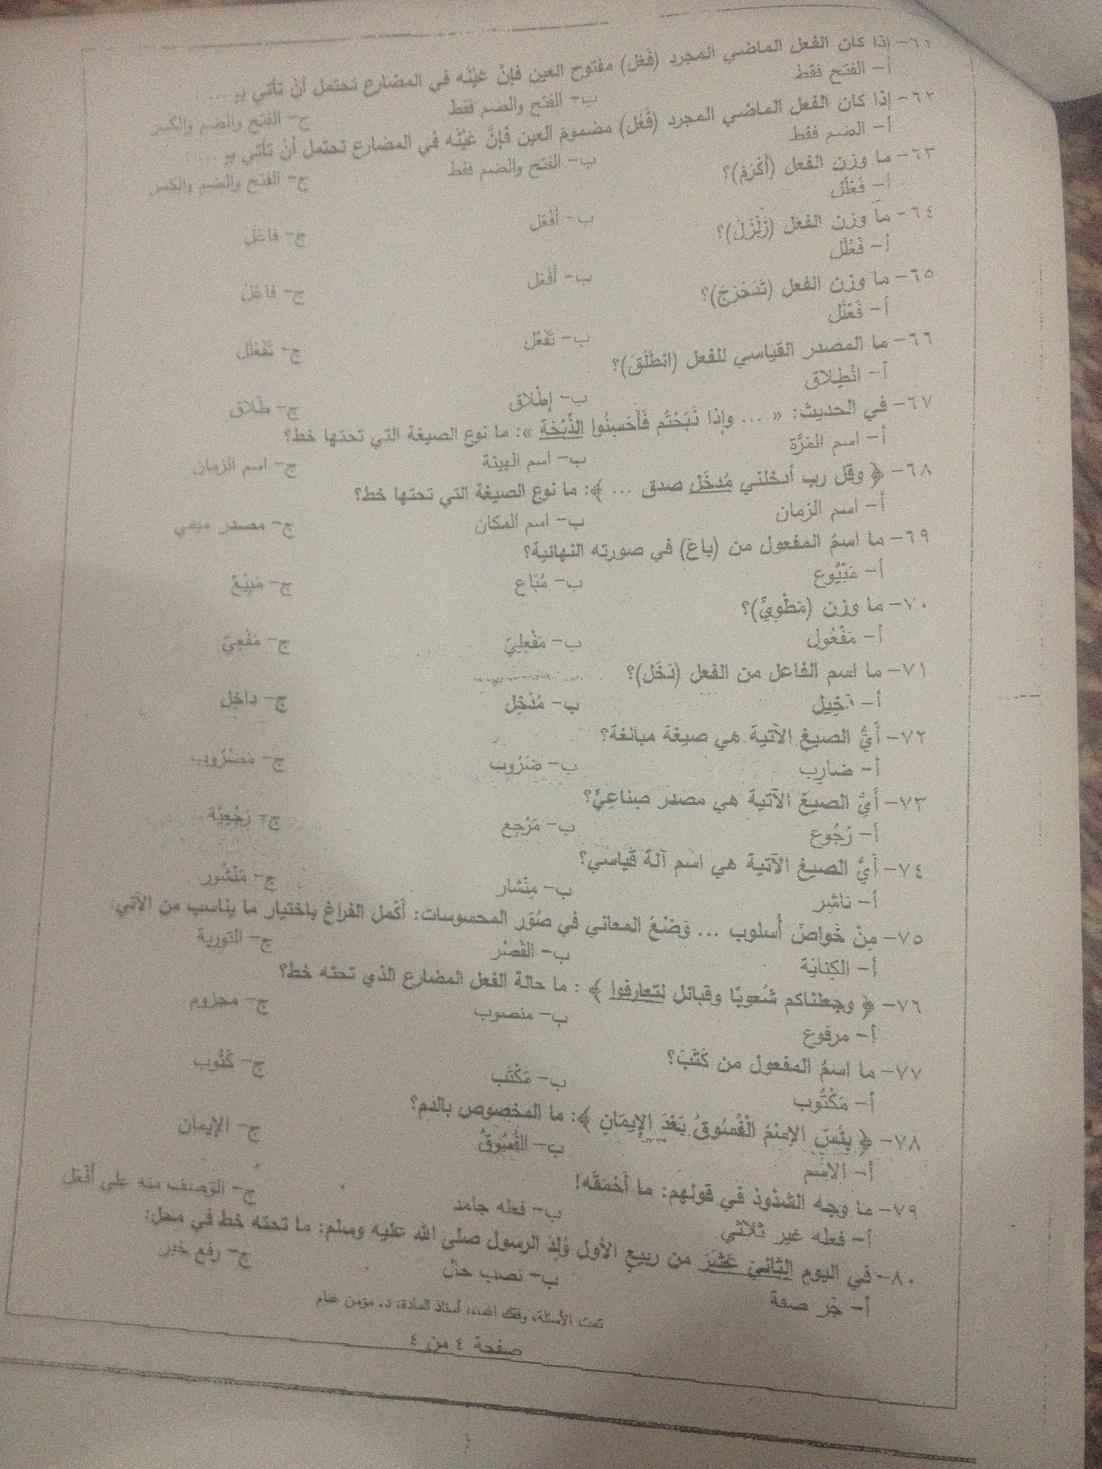 اسئلة اختبار مادة اللغة العربية (2) الفصل الدراسي الثاني 1433هـ 3567.jpg